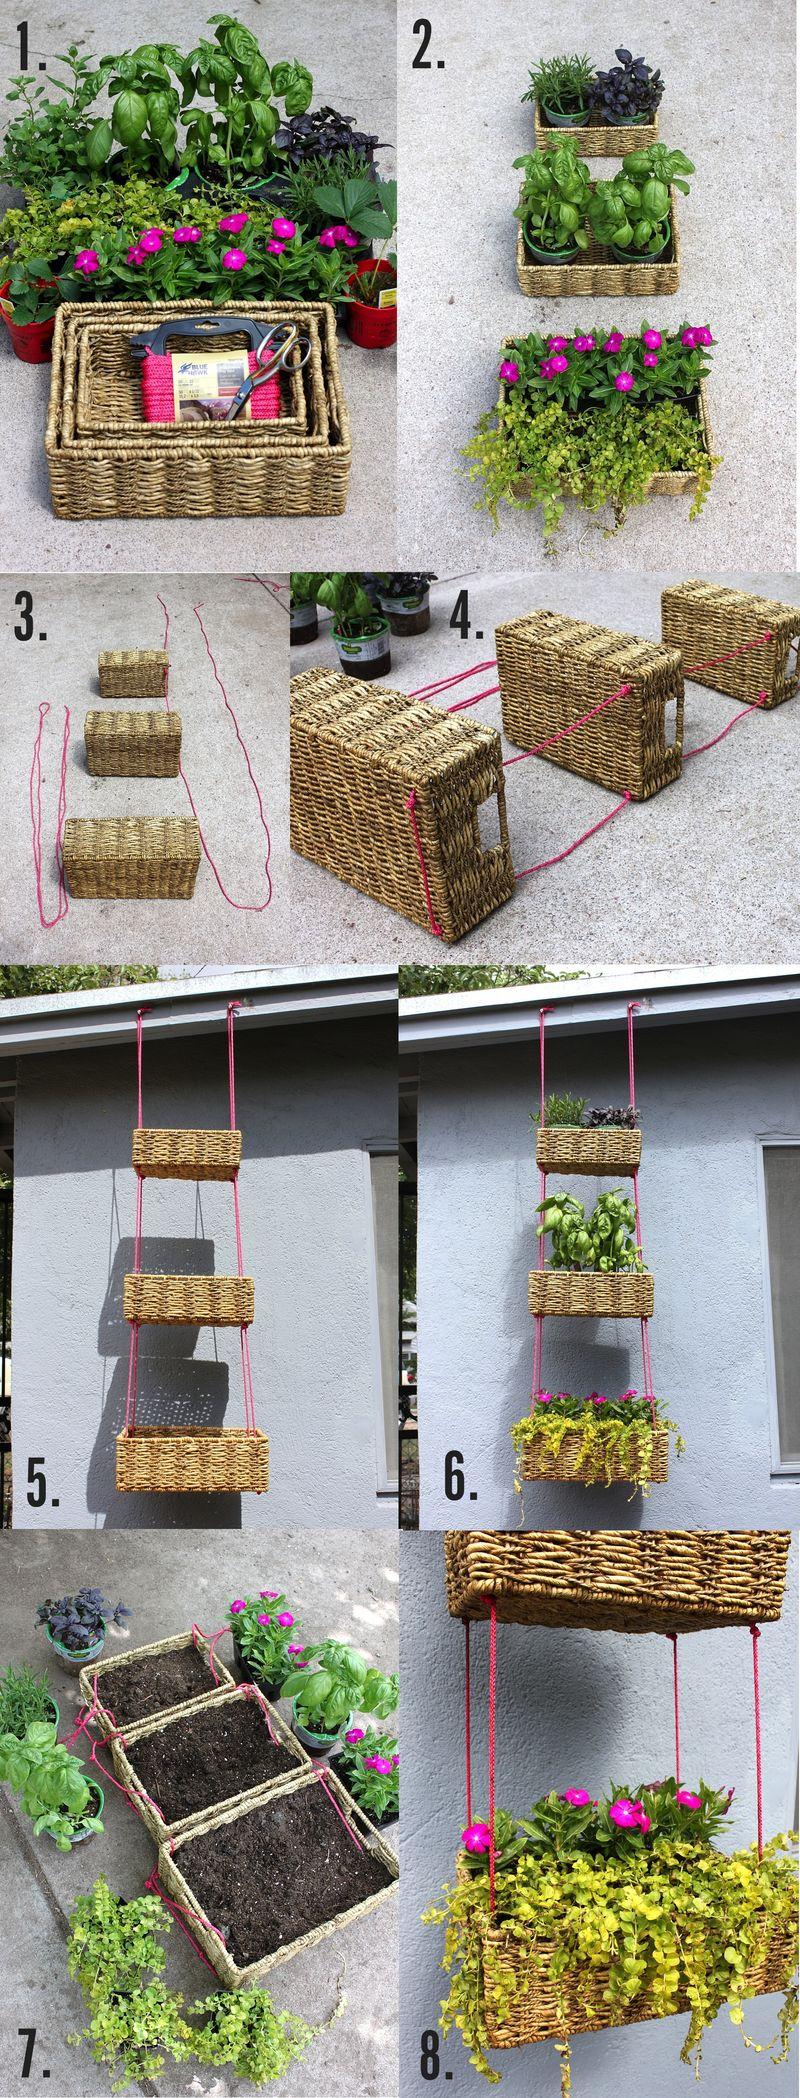 M s de 1000 im genes sobre jardines macetas y flores en for Jardin vertical colgante